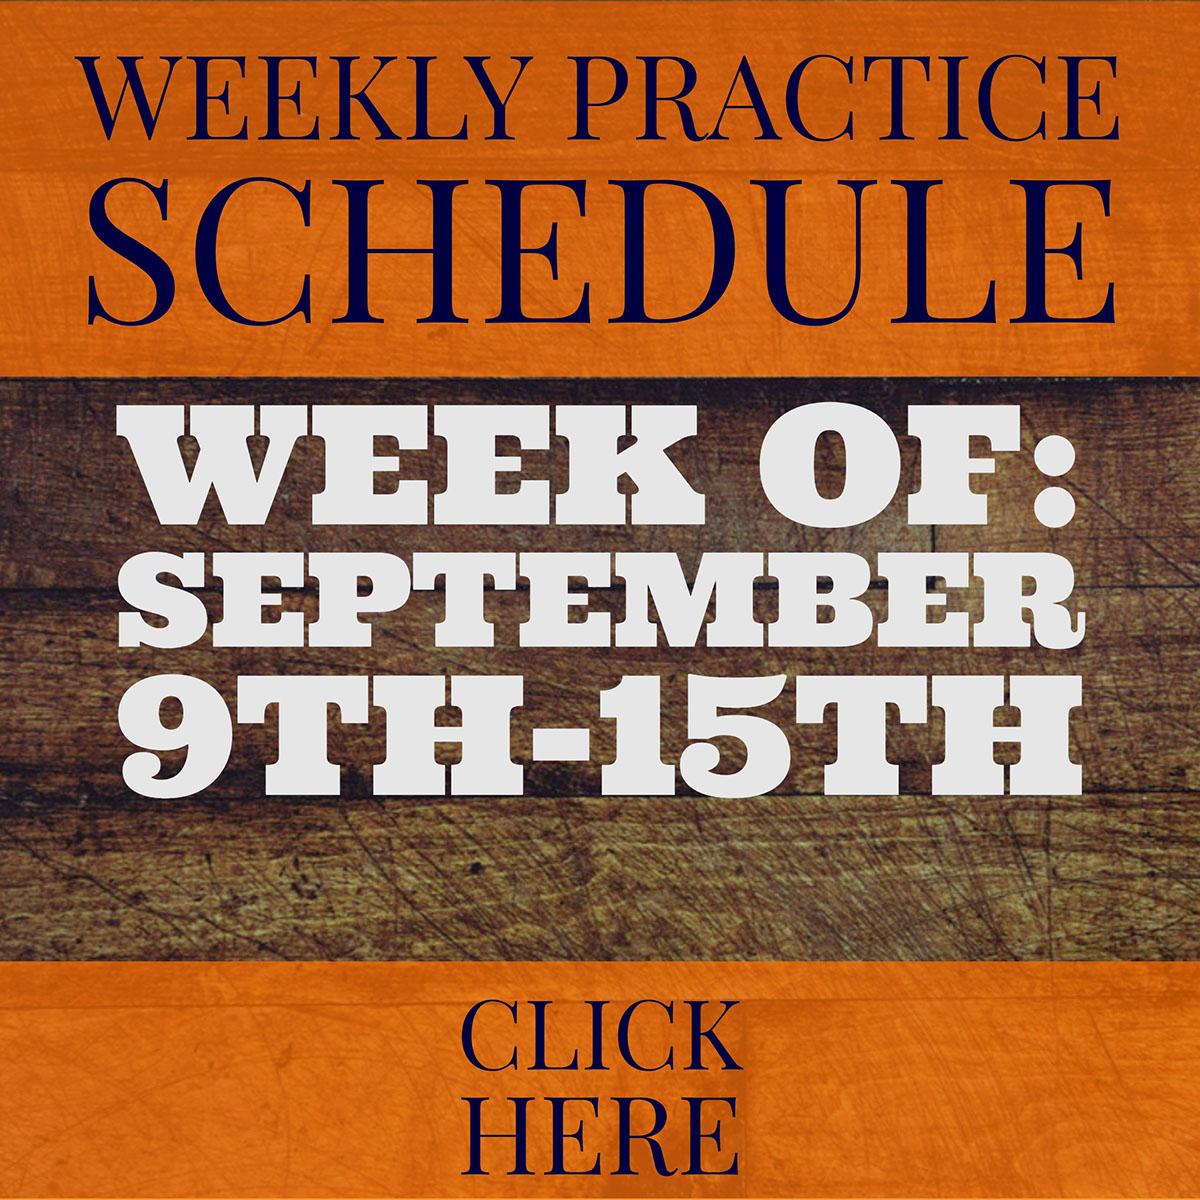 Week of: September 9th-15th Week of: September 9th-15th<P>Weekly Practice Schedule<P>CLICK HERE